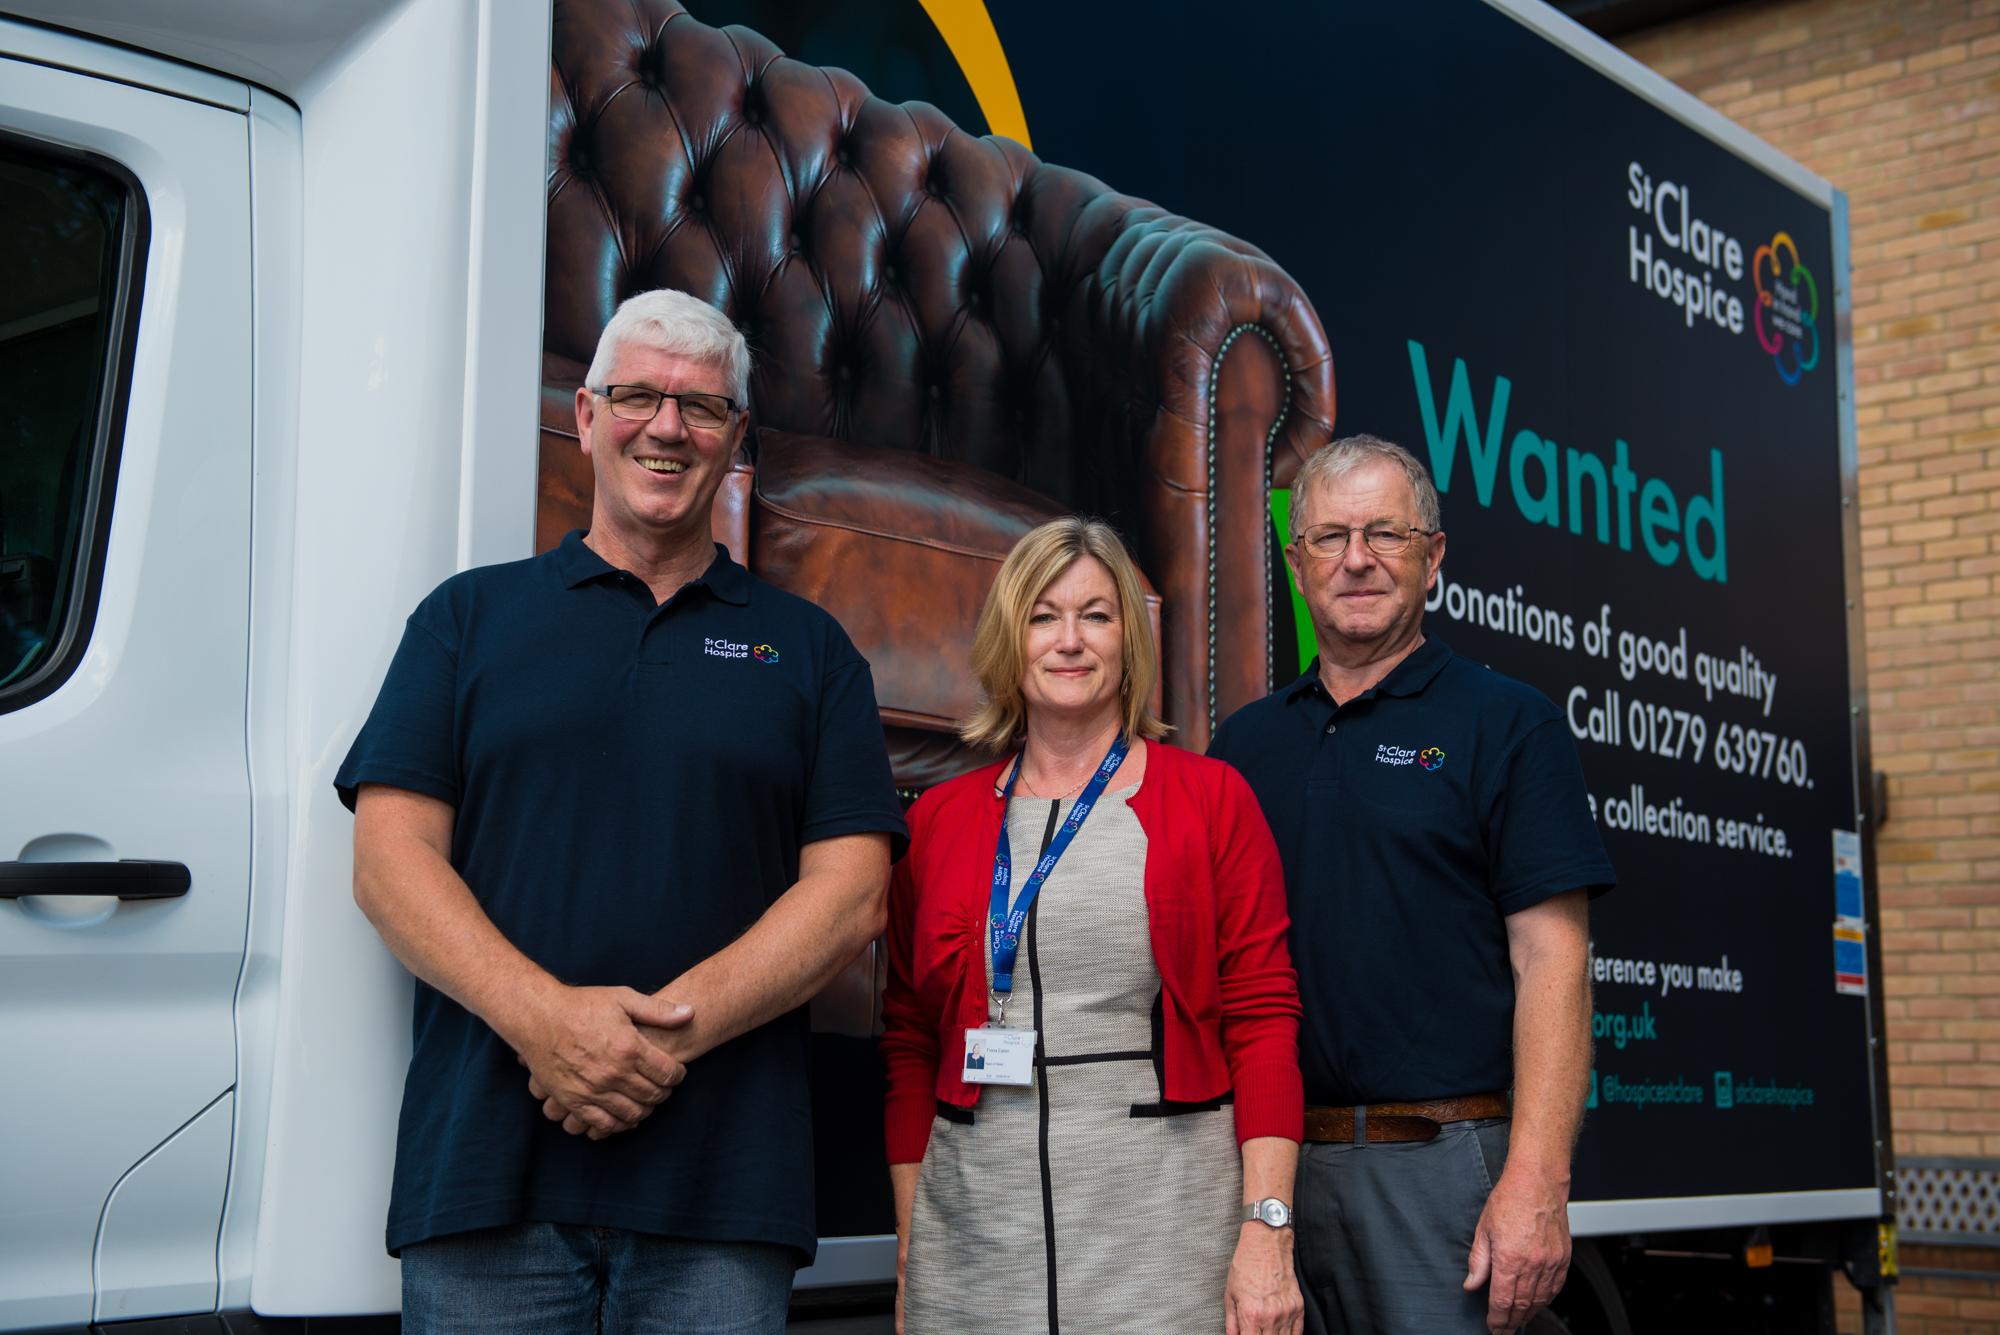 Van with staff